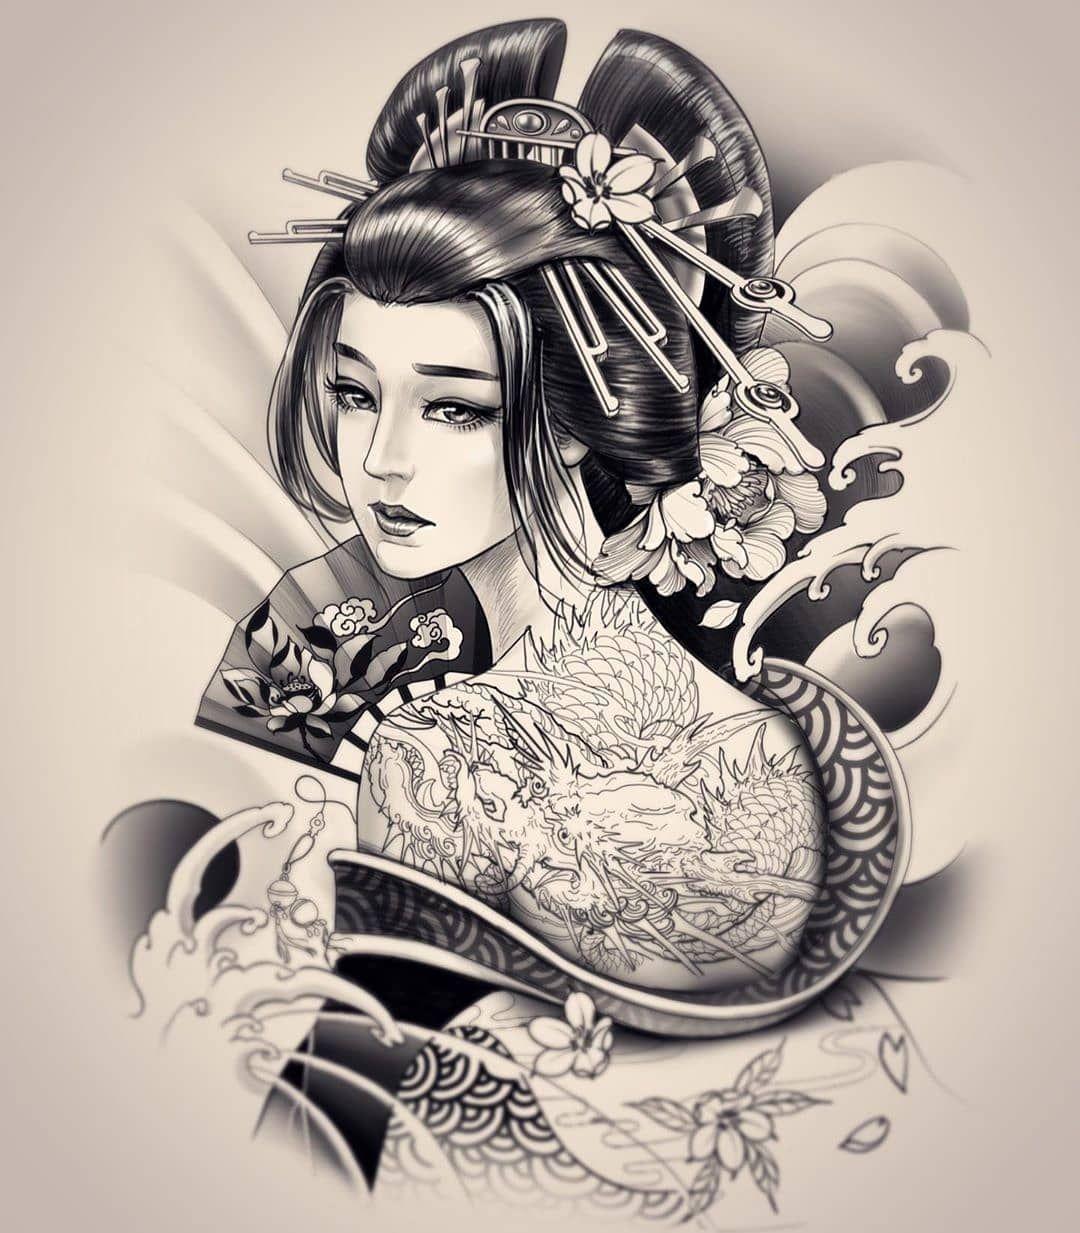 Pin De Bỉn Ne Em Hinh Xăm Em 2020 Tatuagem Gueixa Japonesa Tatuagem De Gueixa Tatuagens Gueixa